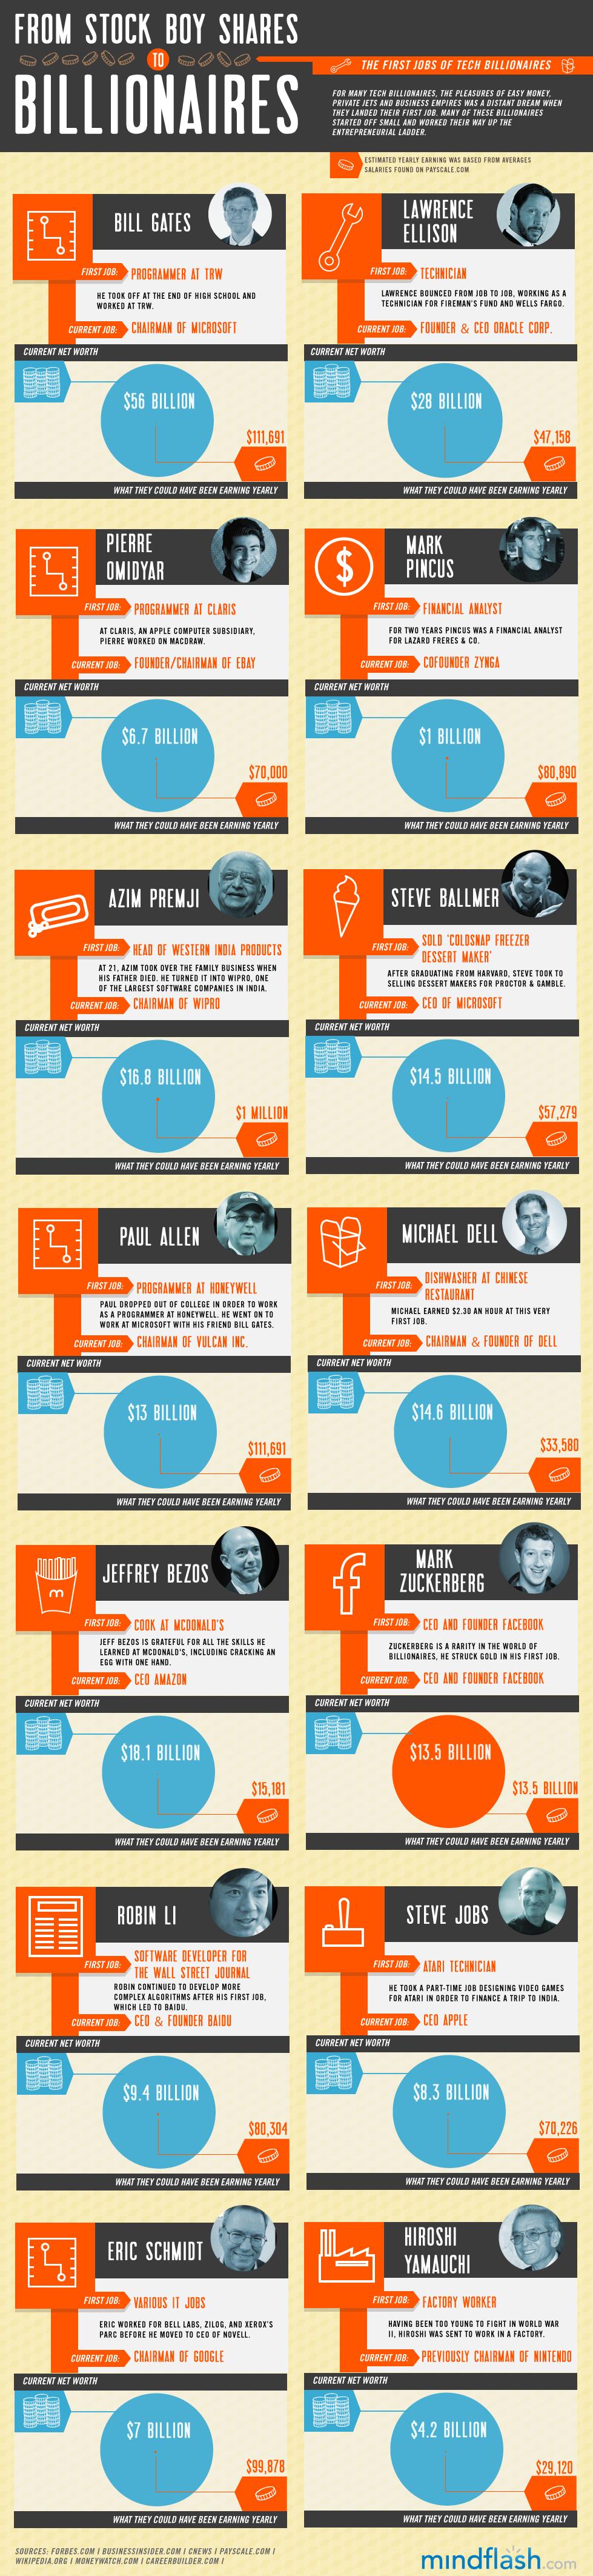 El primer trabajo de los billonarios tecnológicos en infografía